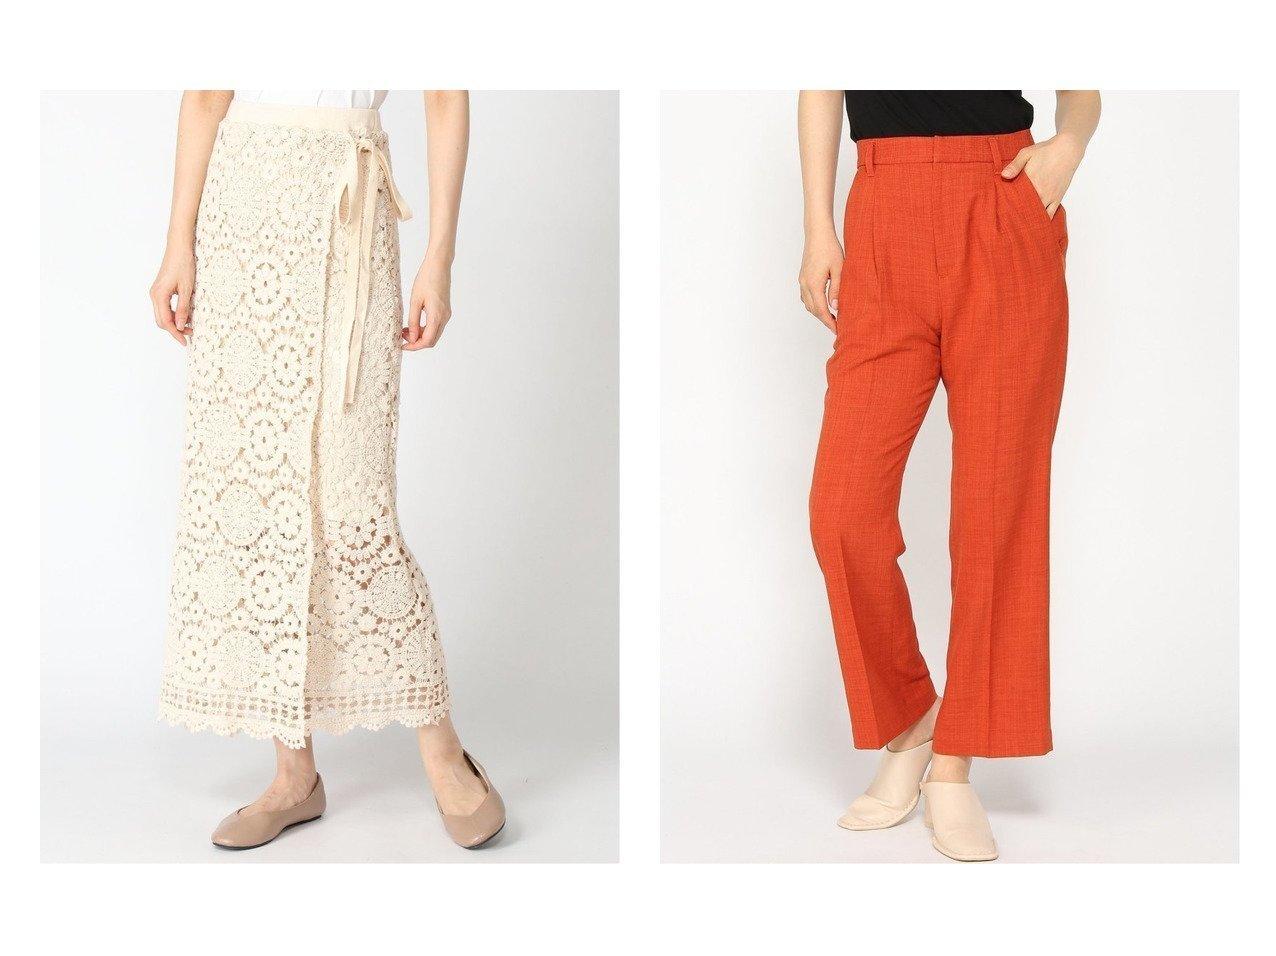 【LOWRYS FARM/ローリーズファーム】のドライタッチフレアパンツ&ラップフウクロシェスカート おすすめ!人気、トレンド・レディースファッションの通販 おすすめで人気の流行・トレンド、ファッションの通販商品 インテリア・家具・メンズファッション・キッズファッション・レディースファッション・服の通販 founy(ファニー) https://founy.com/ ファッション Fashion レディースファッション WOMEN スカート Skirt パンツ Pants NEW・新作・新着・新入荷 New Arrivals ジーンズ |ID:crp329100000060423